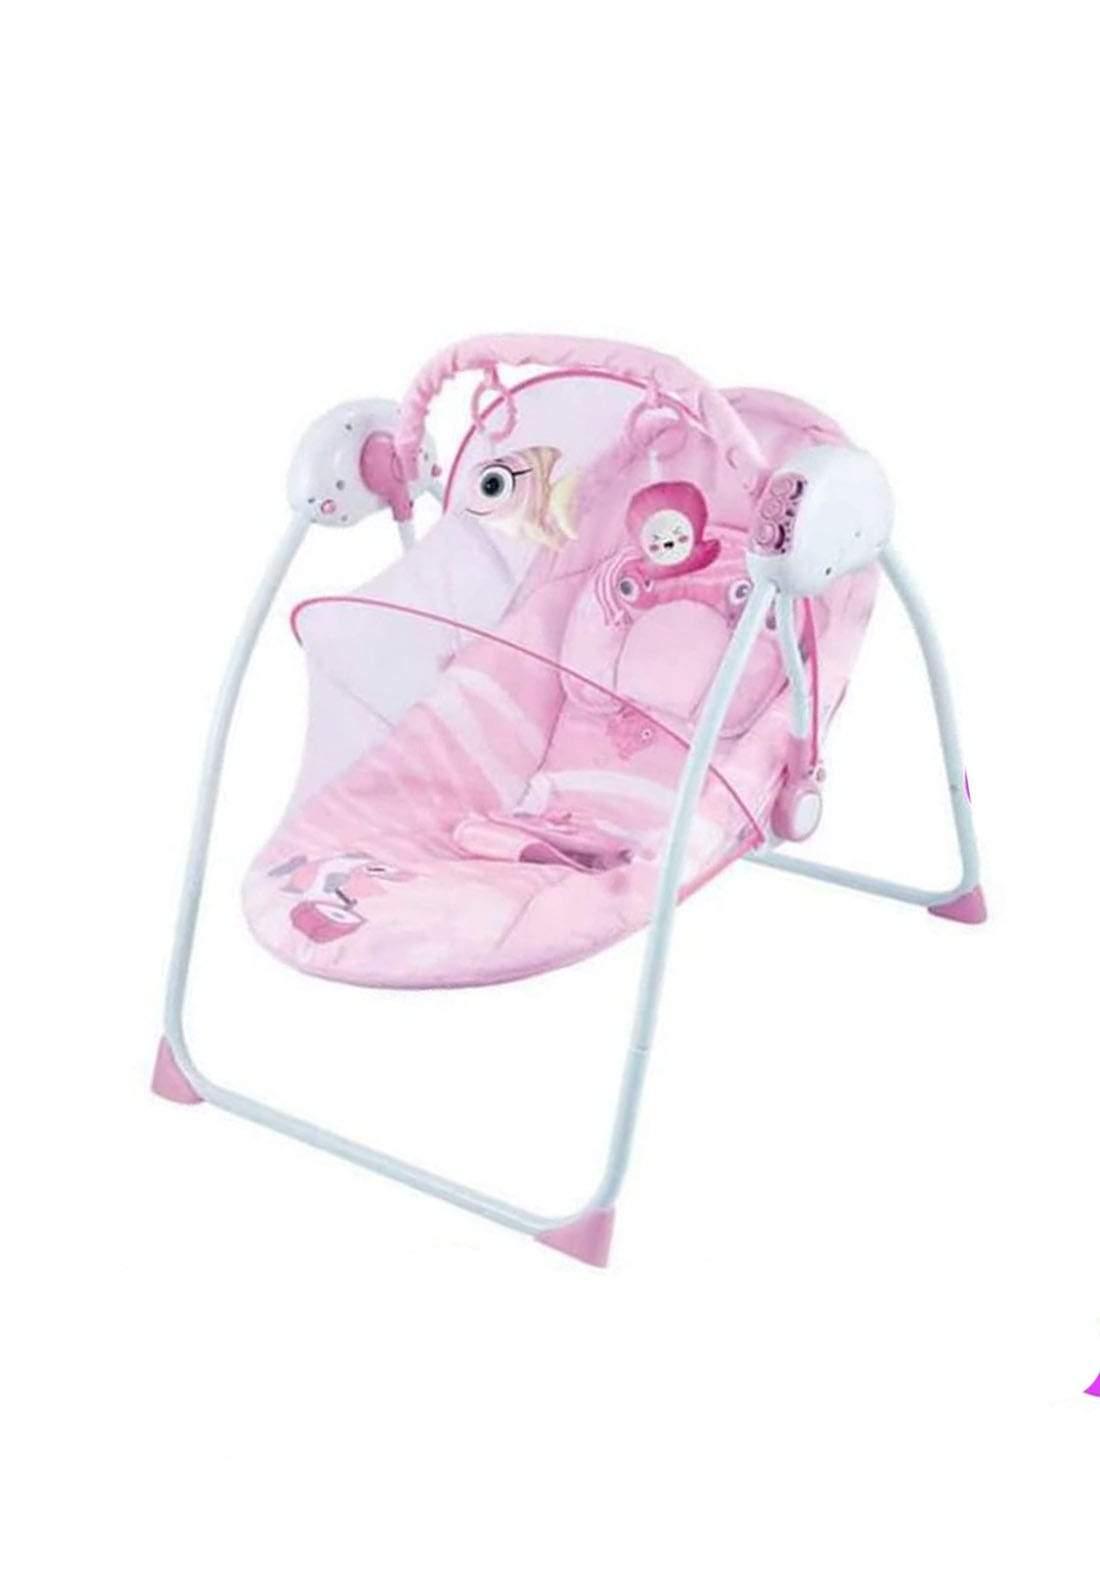 Swing Rocker كرسي هزاز للاطفال لحديثي الولادة